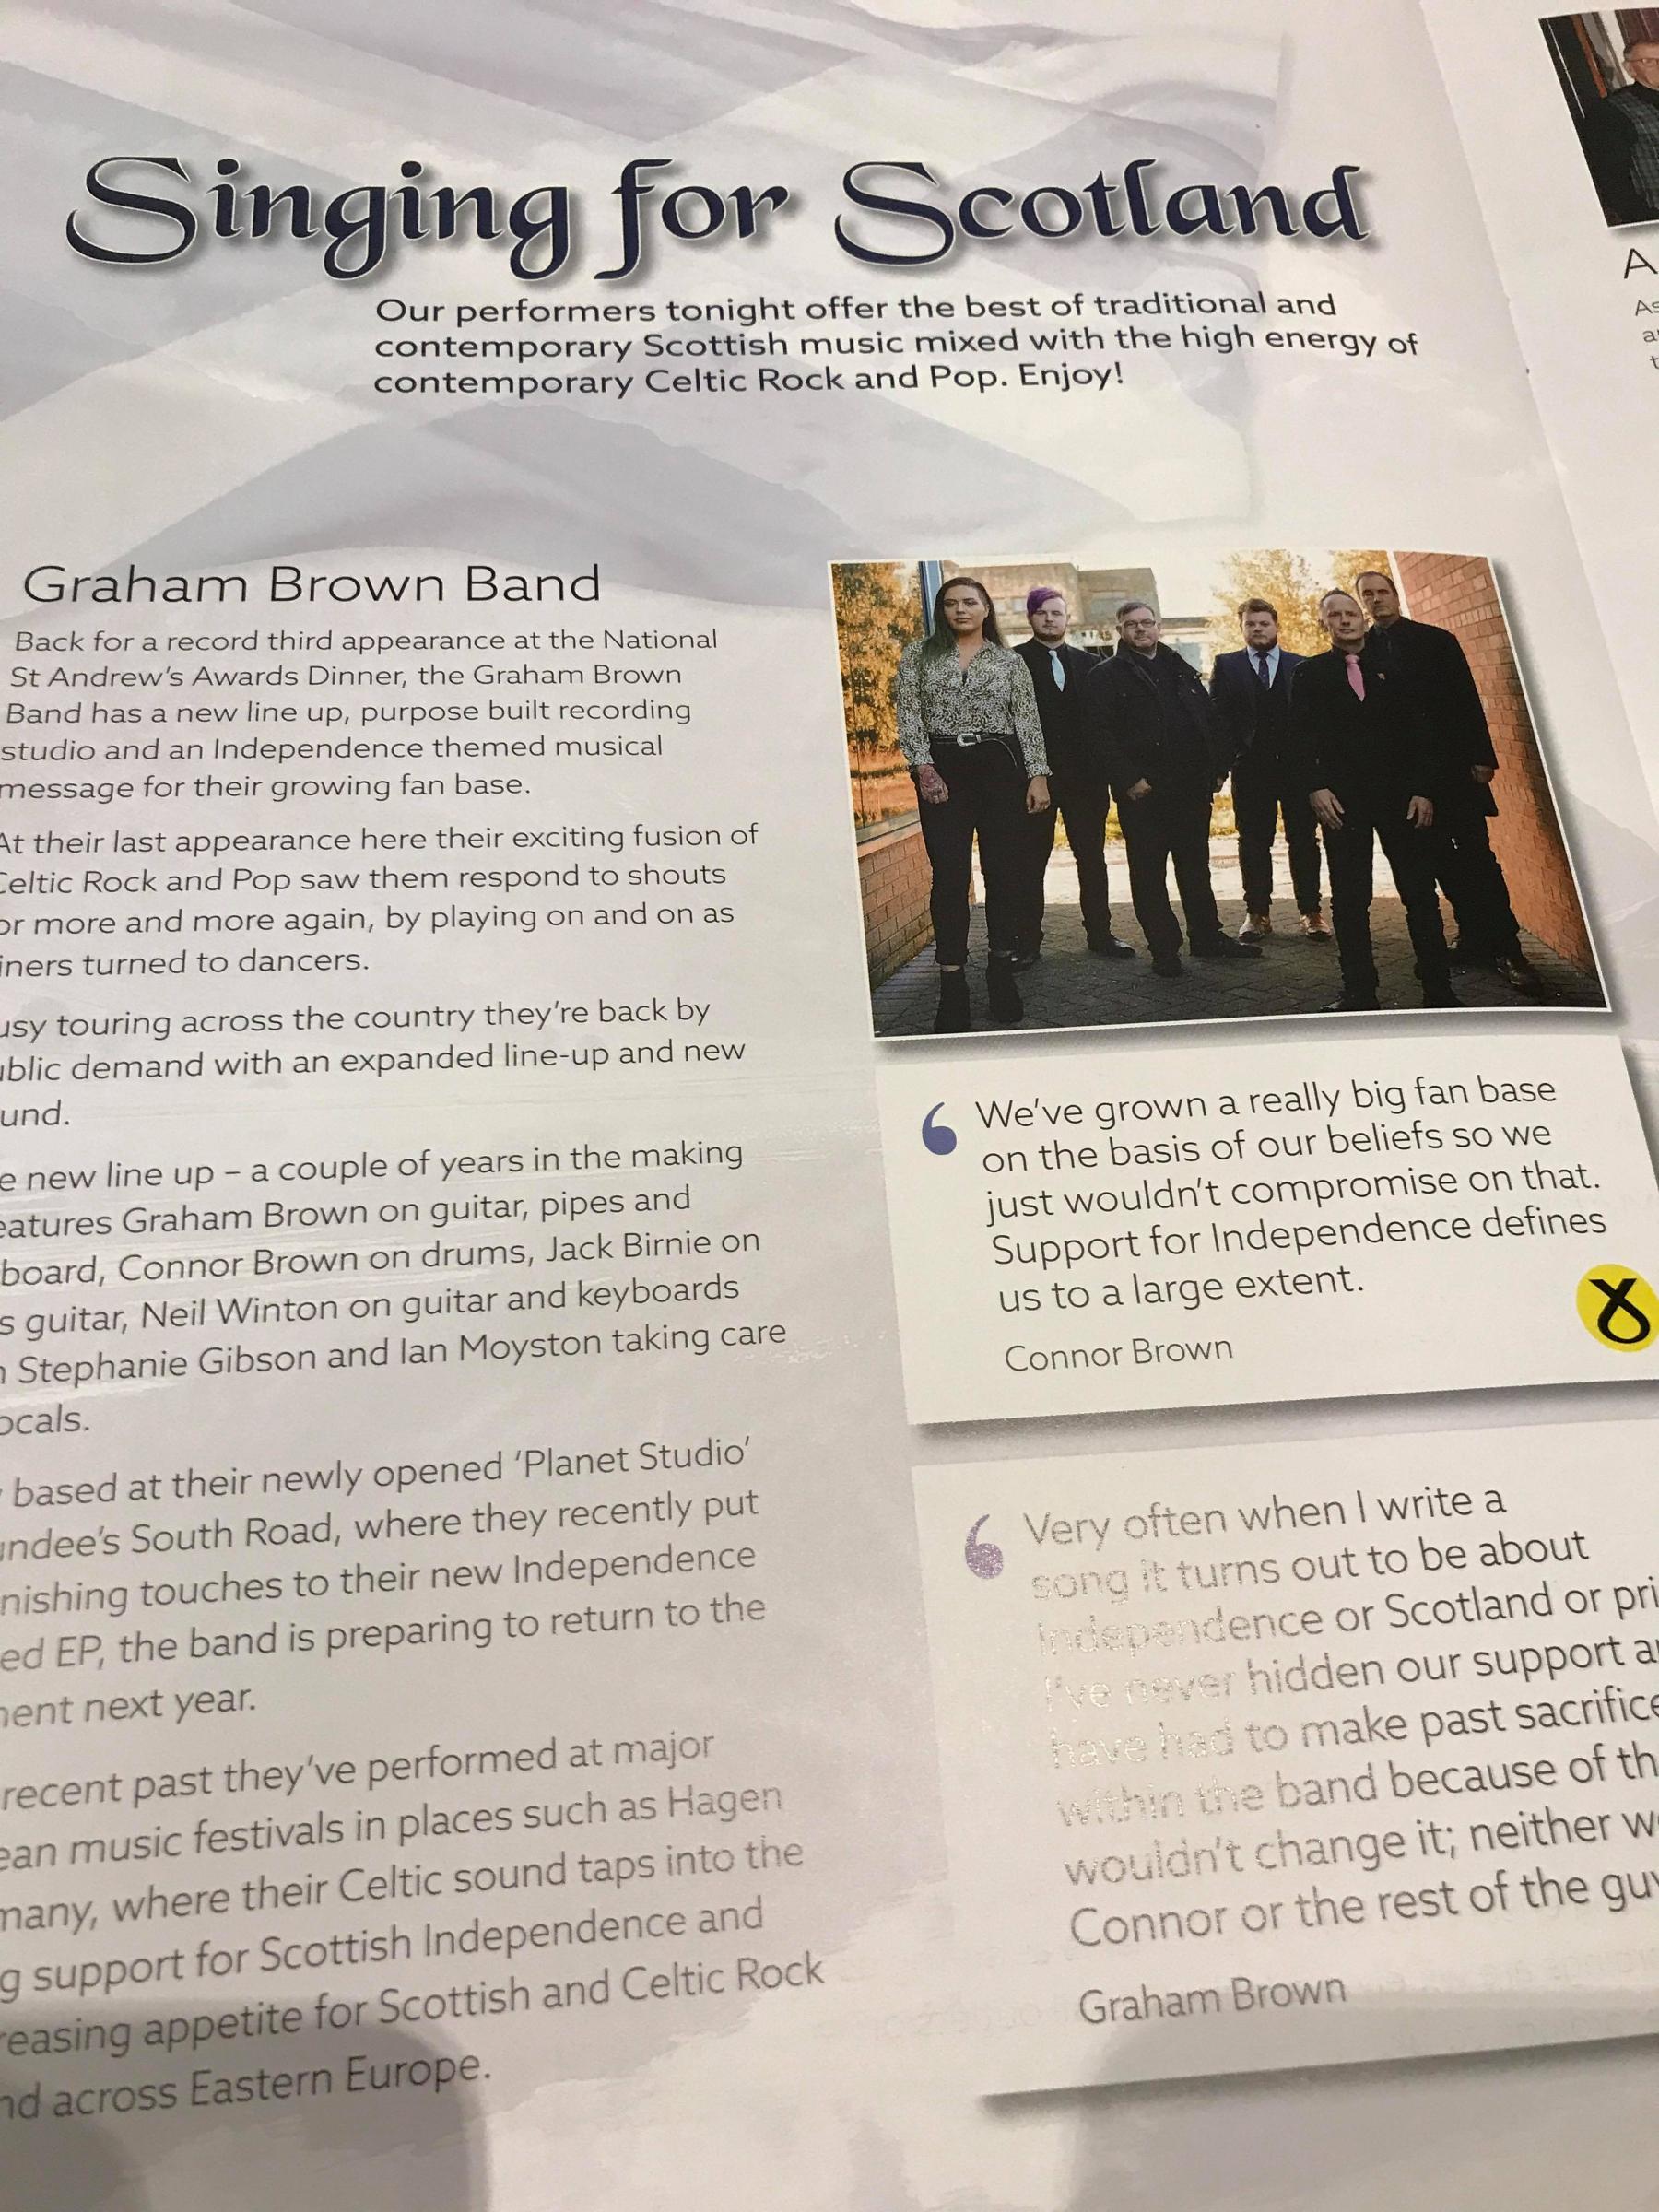 Graham Brown Band